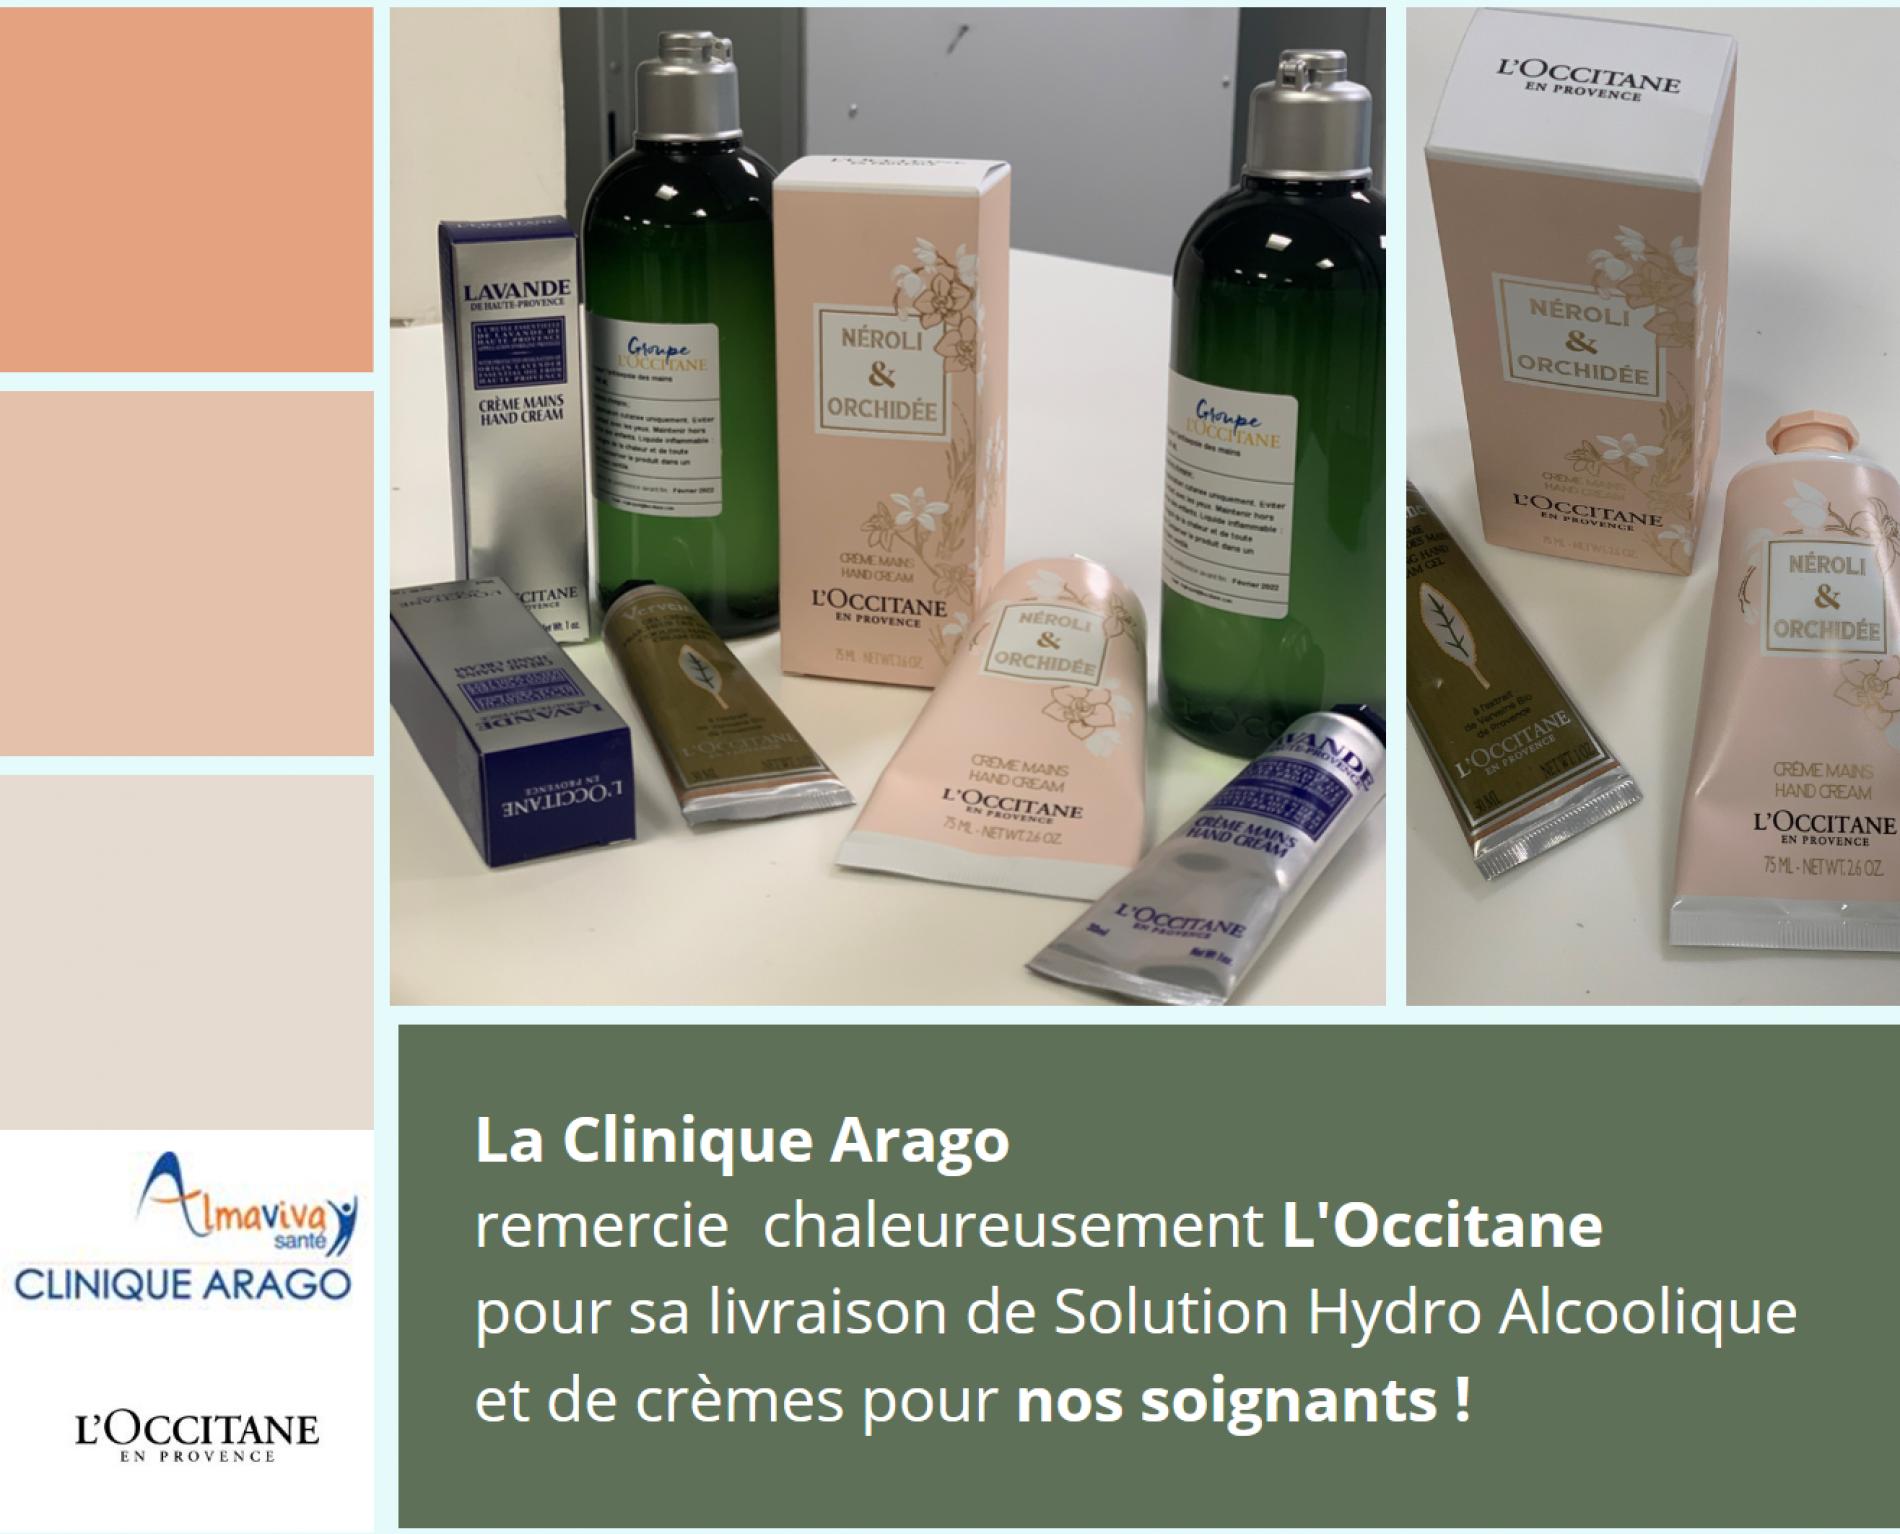 La Clinique Arago remercie L'Occitane!